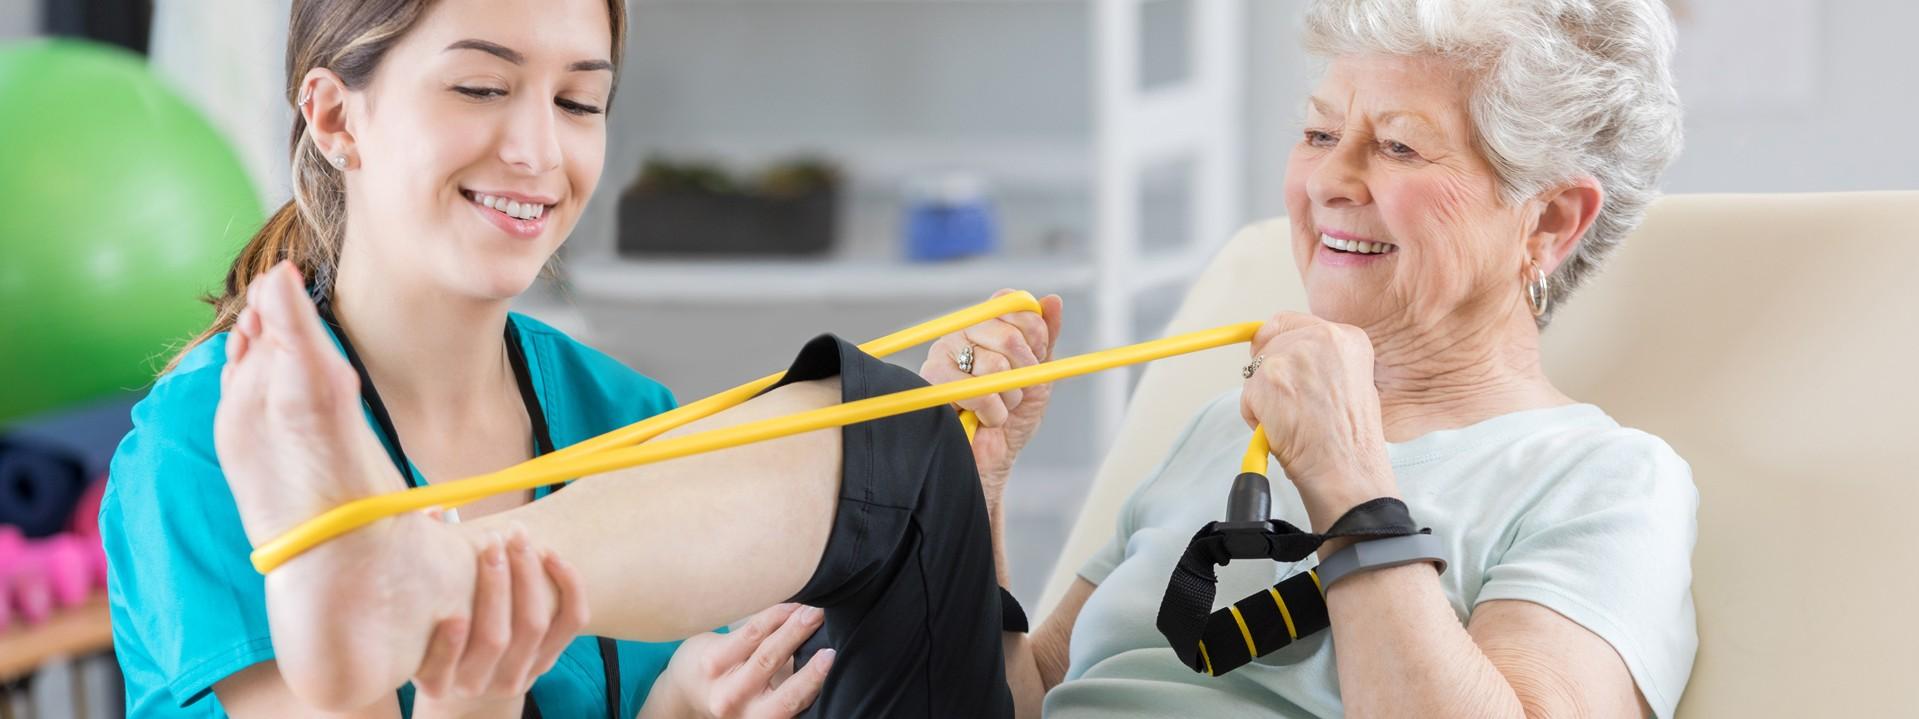 Ältere Frau und Physiotherapeutin